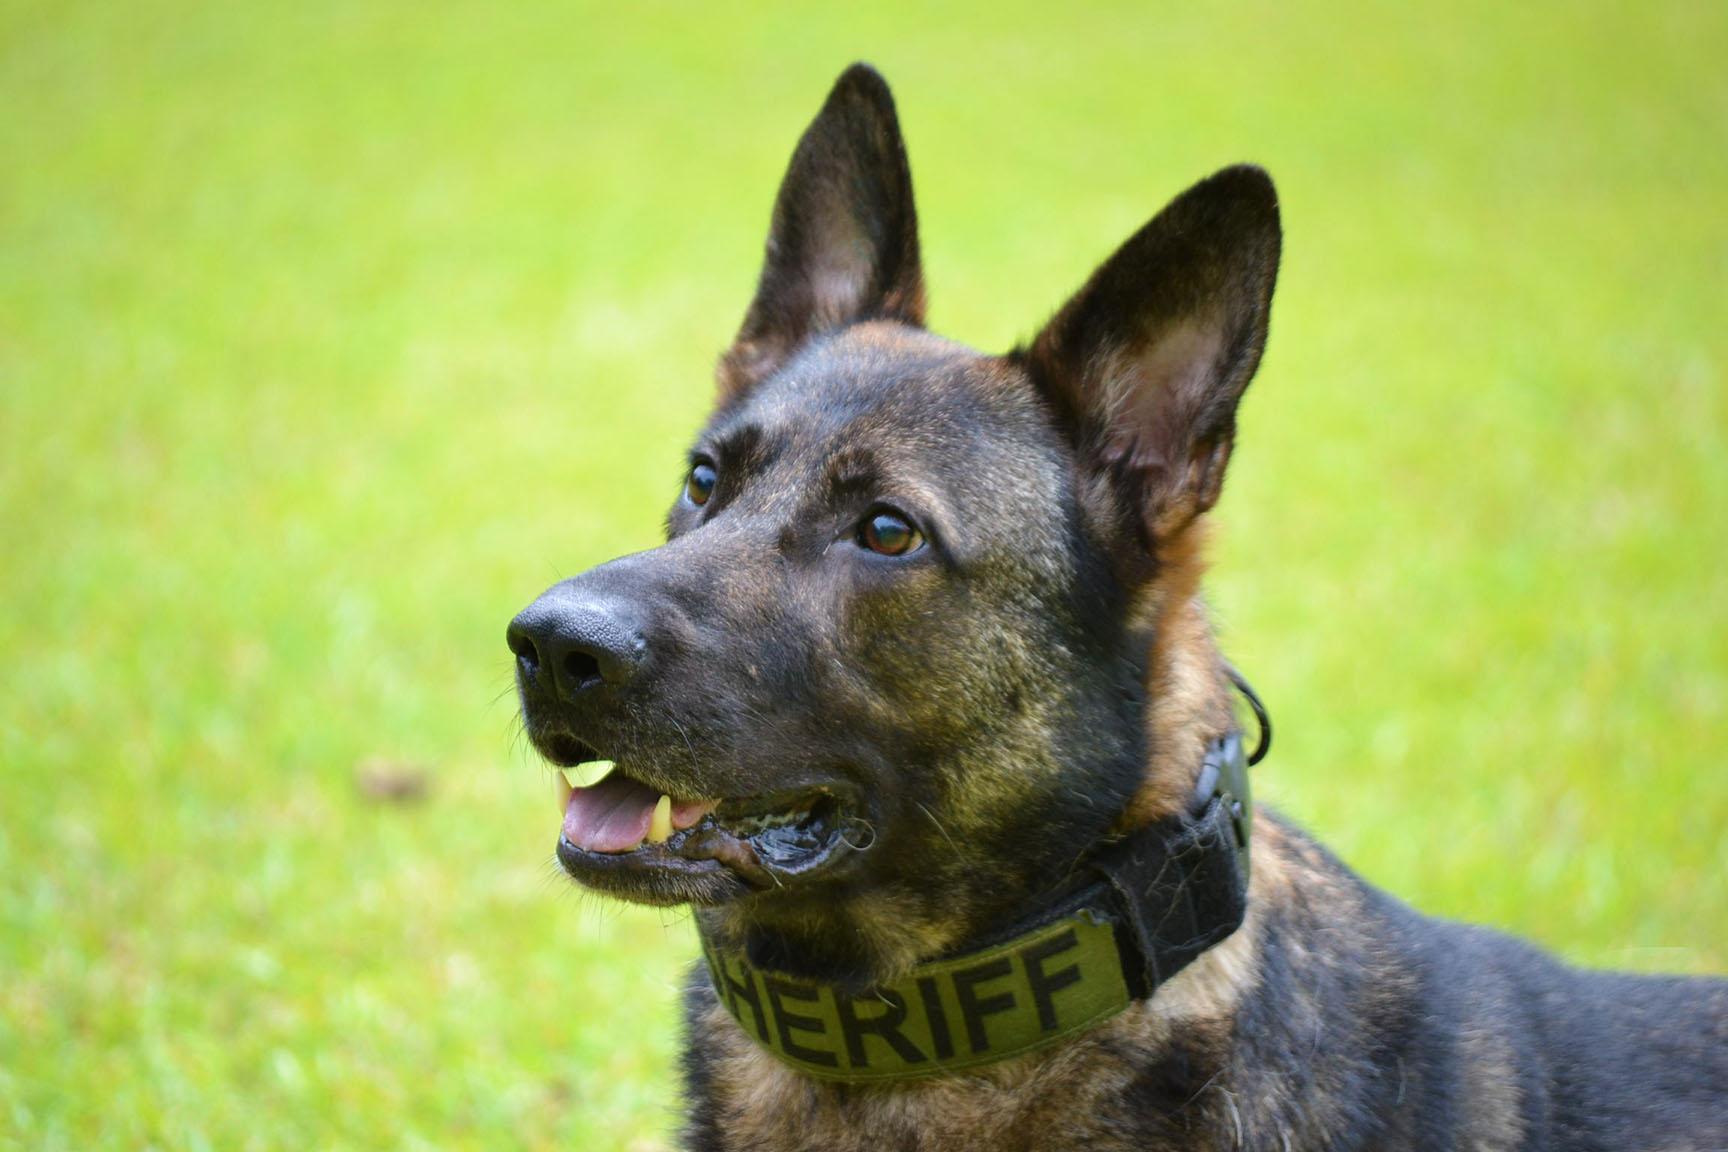 Police K9 Chip